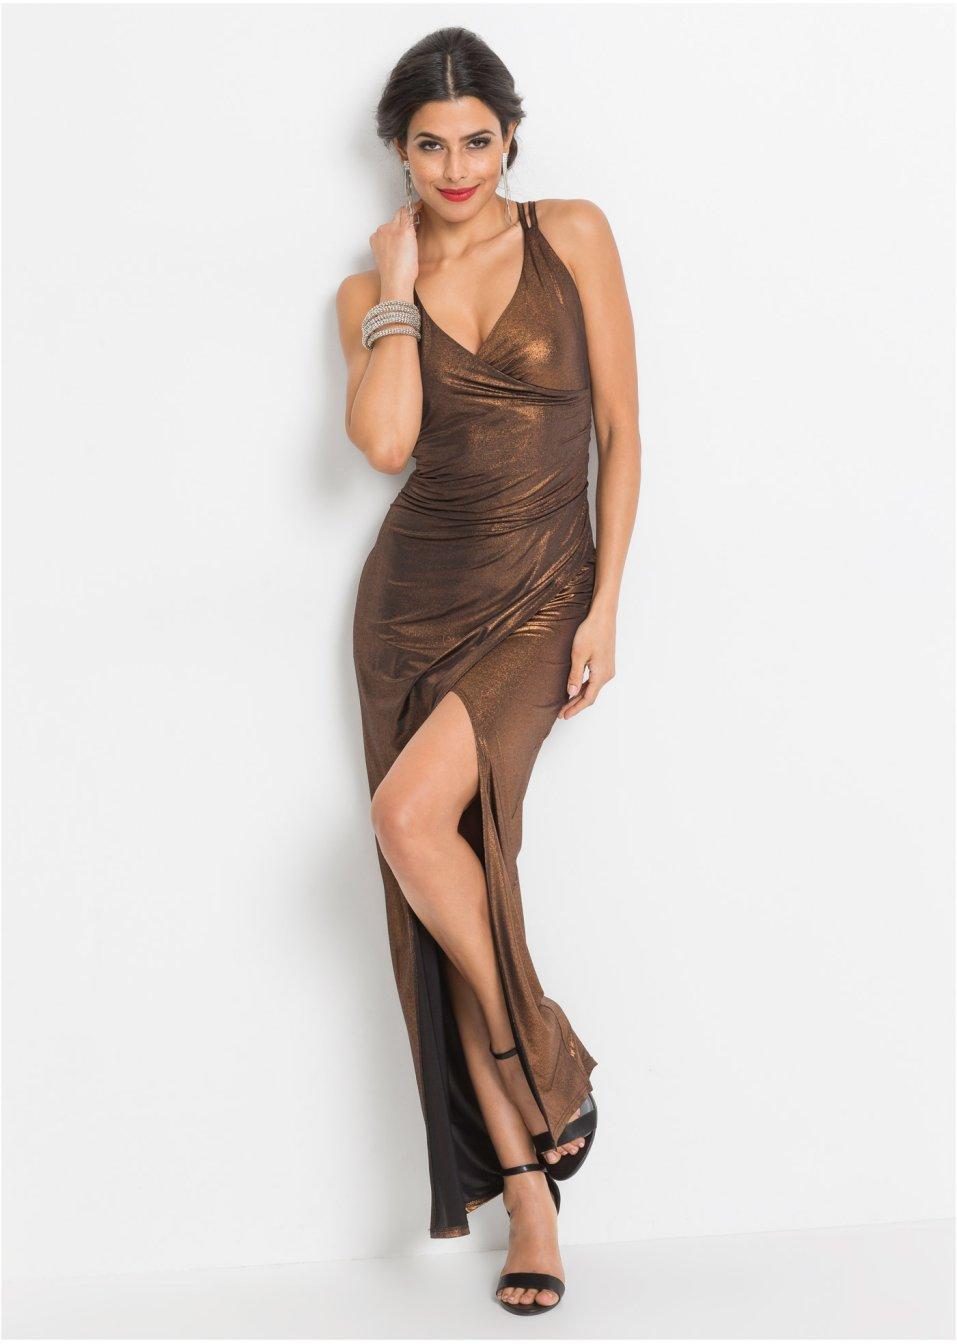 Abendkleid braun damen - Festliche kleider bonprix ...